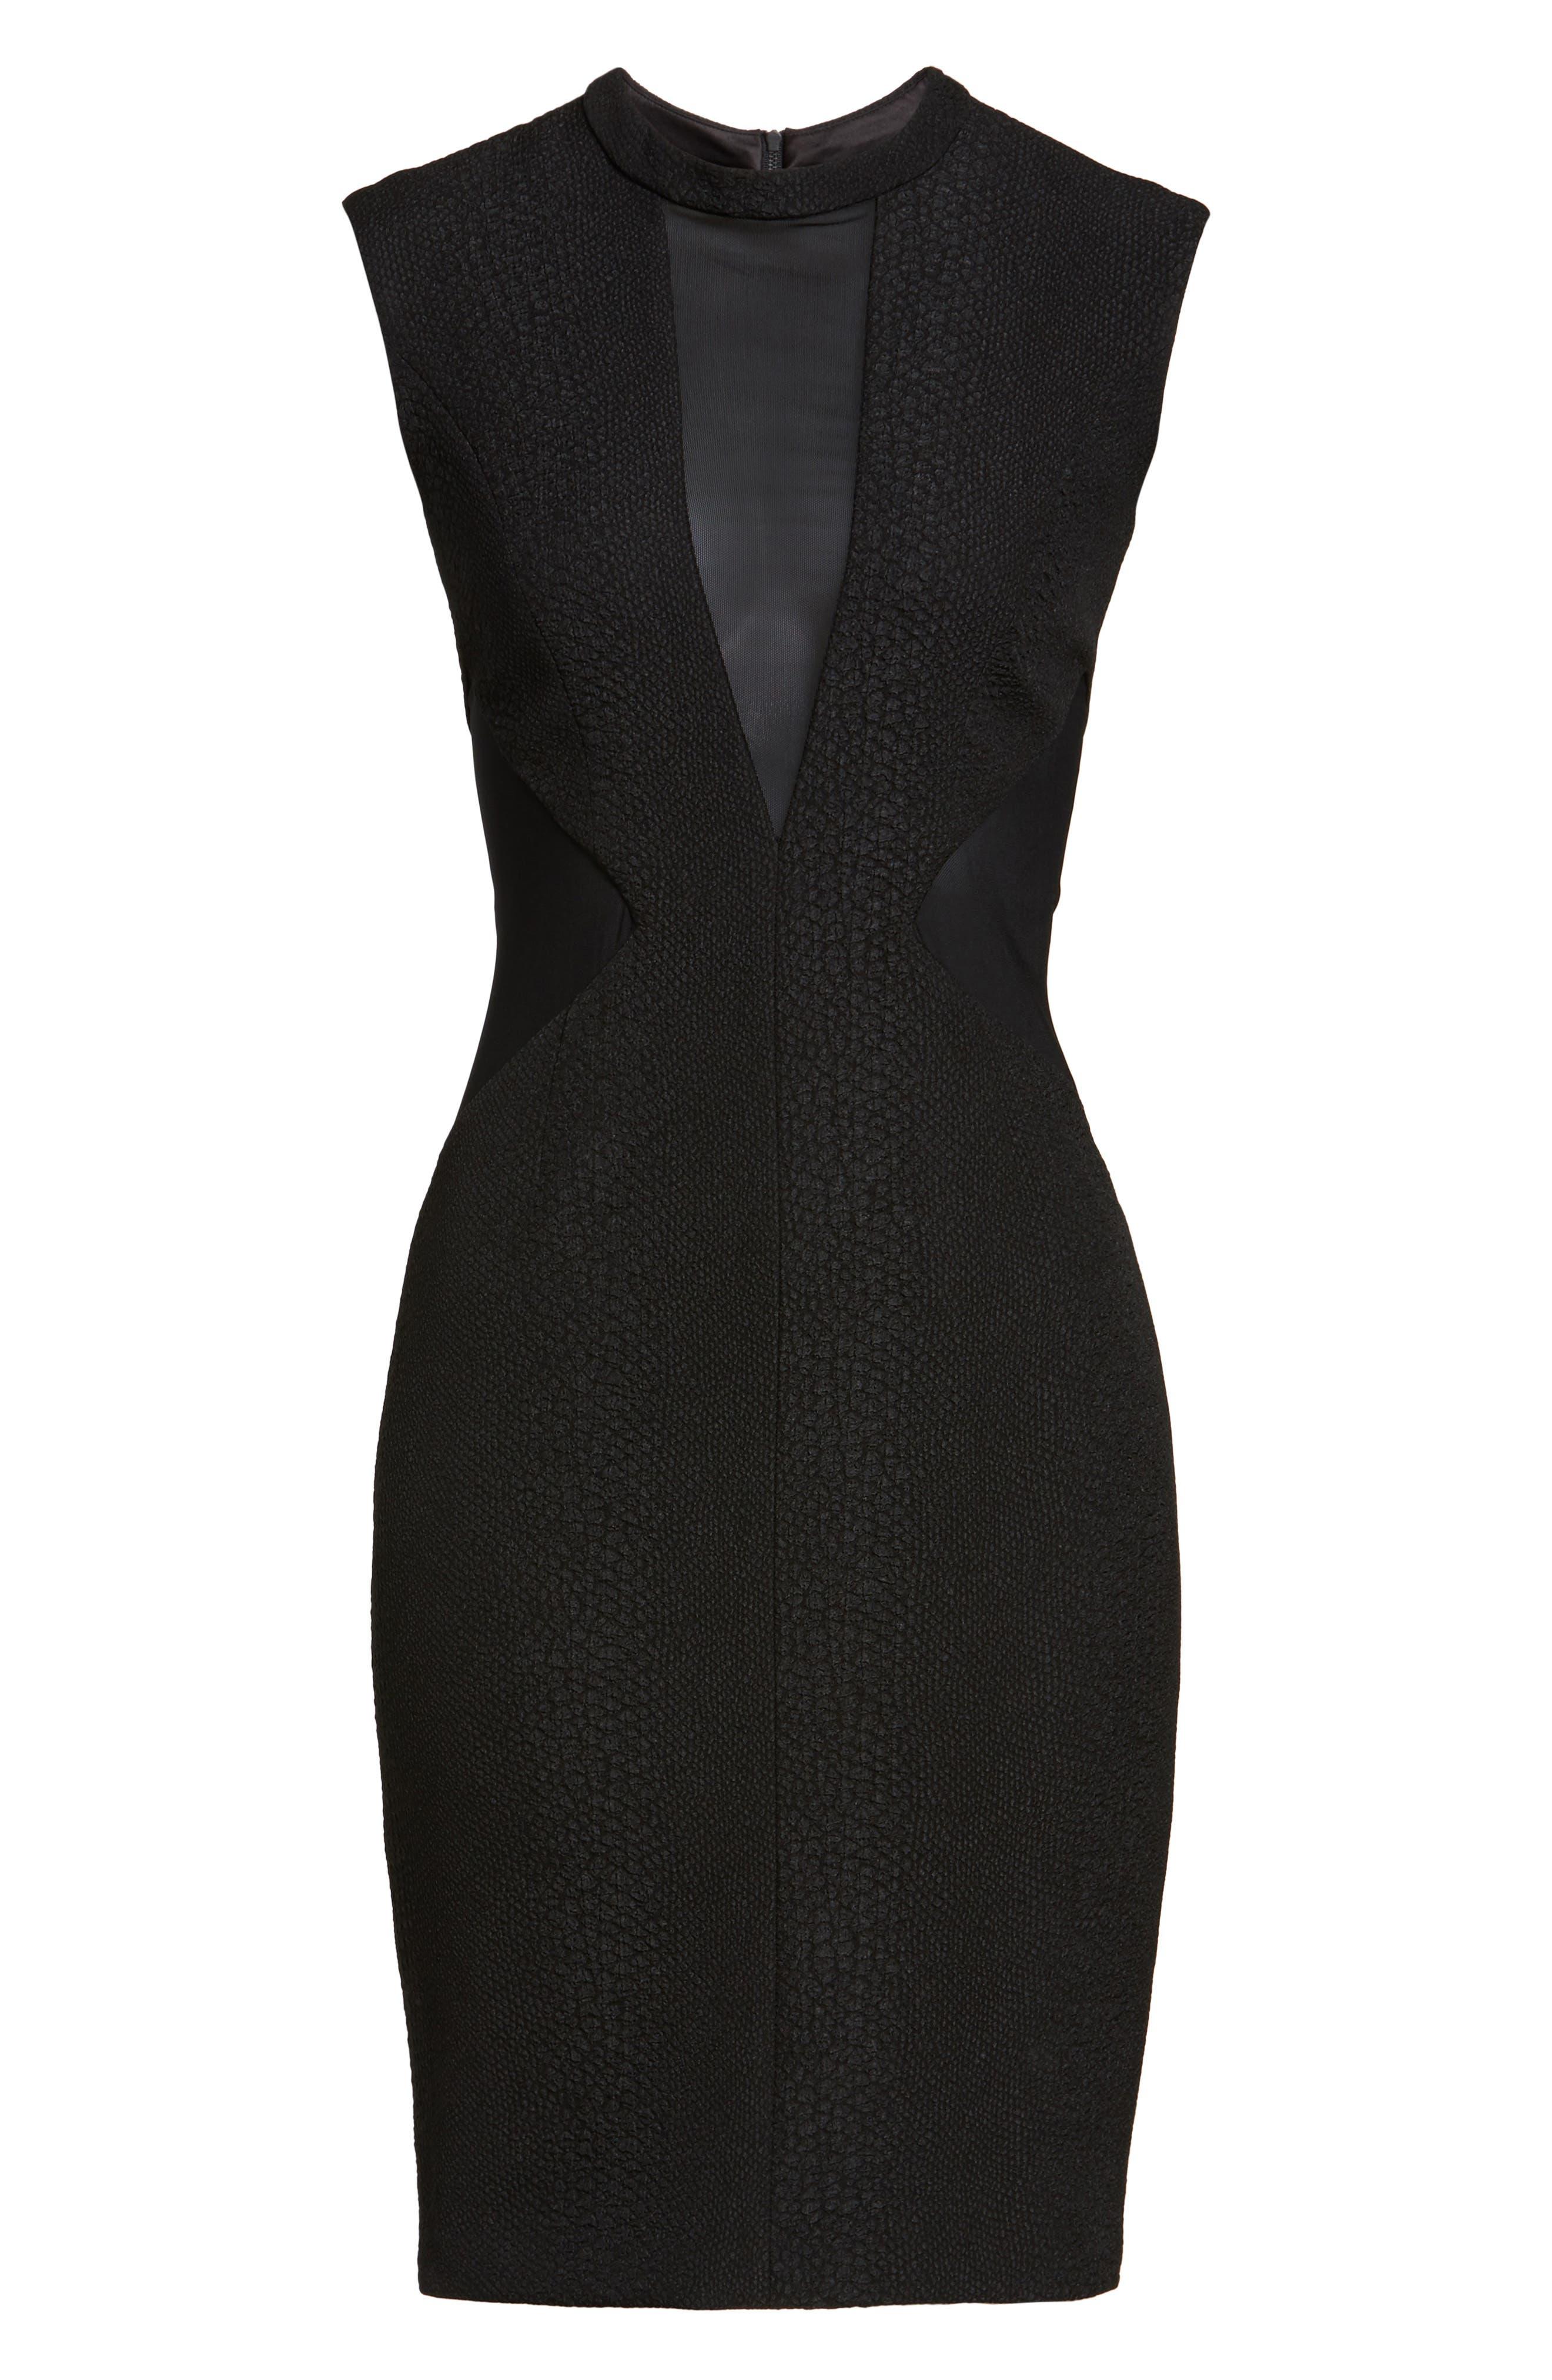 Croc Texture Panel Dress,                             Alternate thumbnail 6, color,                             001